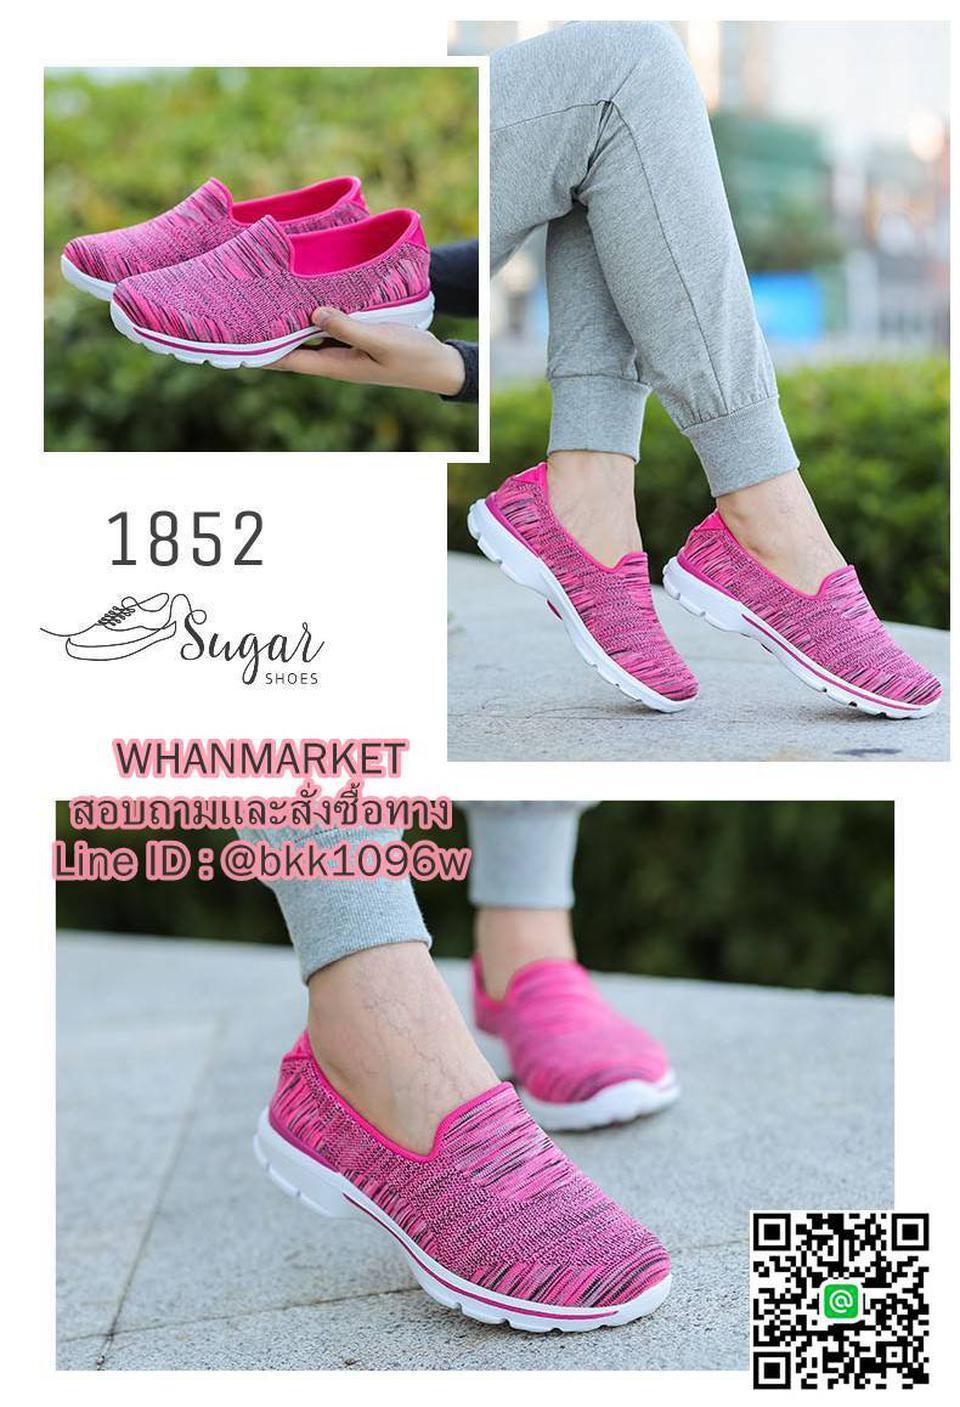 รองเท้าผ้าใบ แบบสวม ทำจากผ้ายืดทออย่างดี  พื้นนิ่มและเบามาก รูปที่ 1